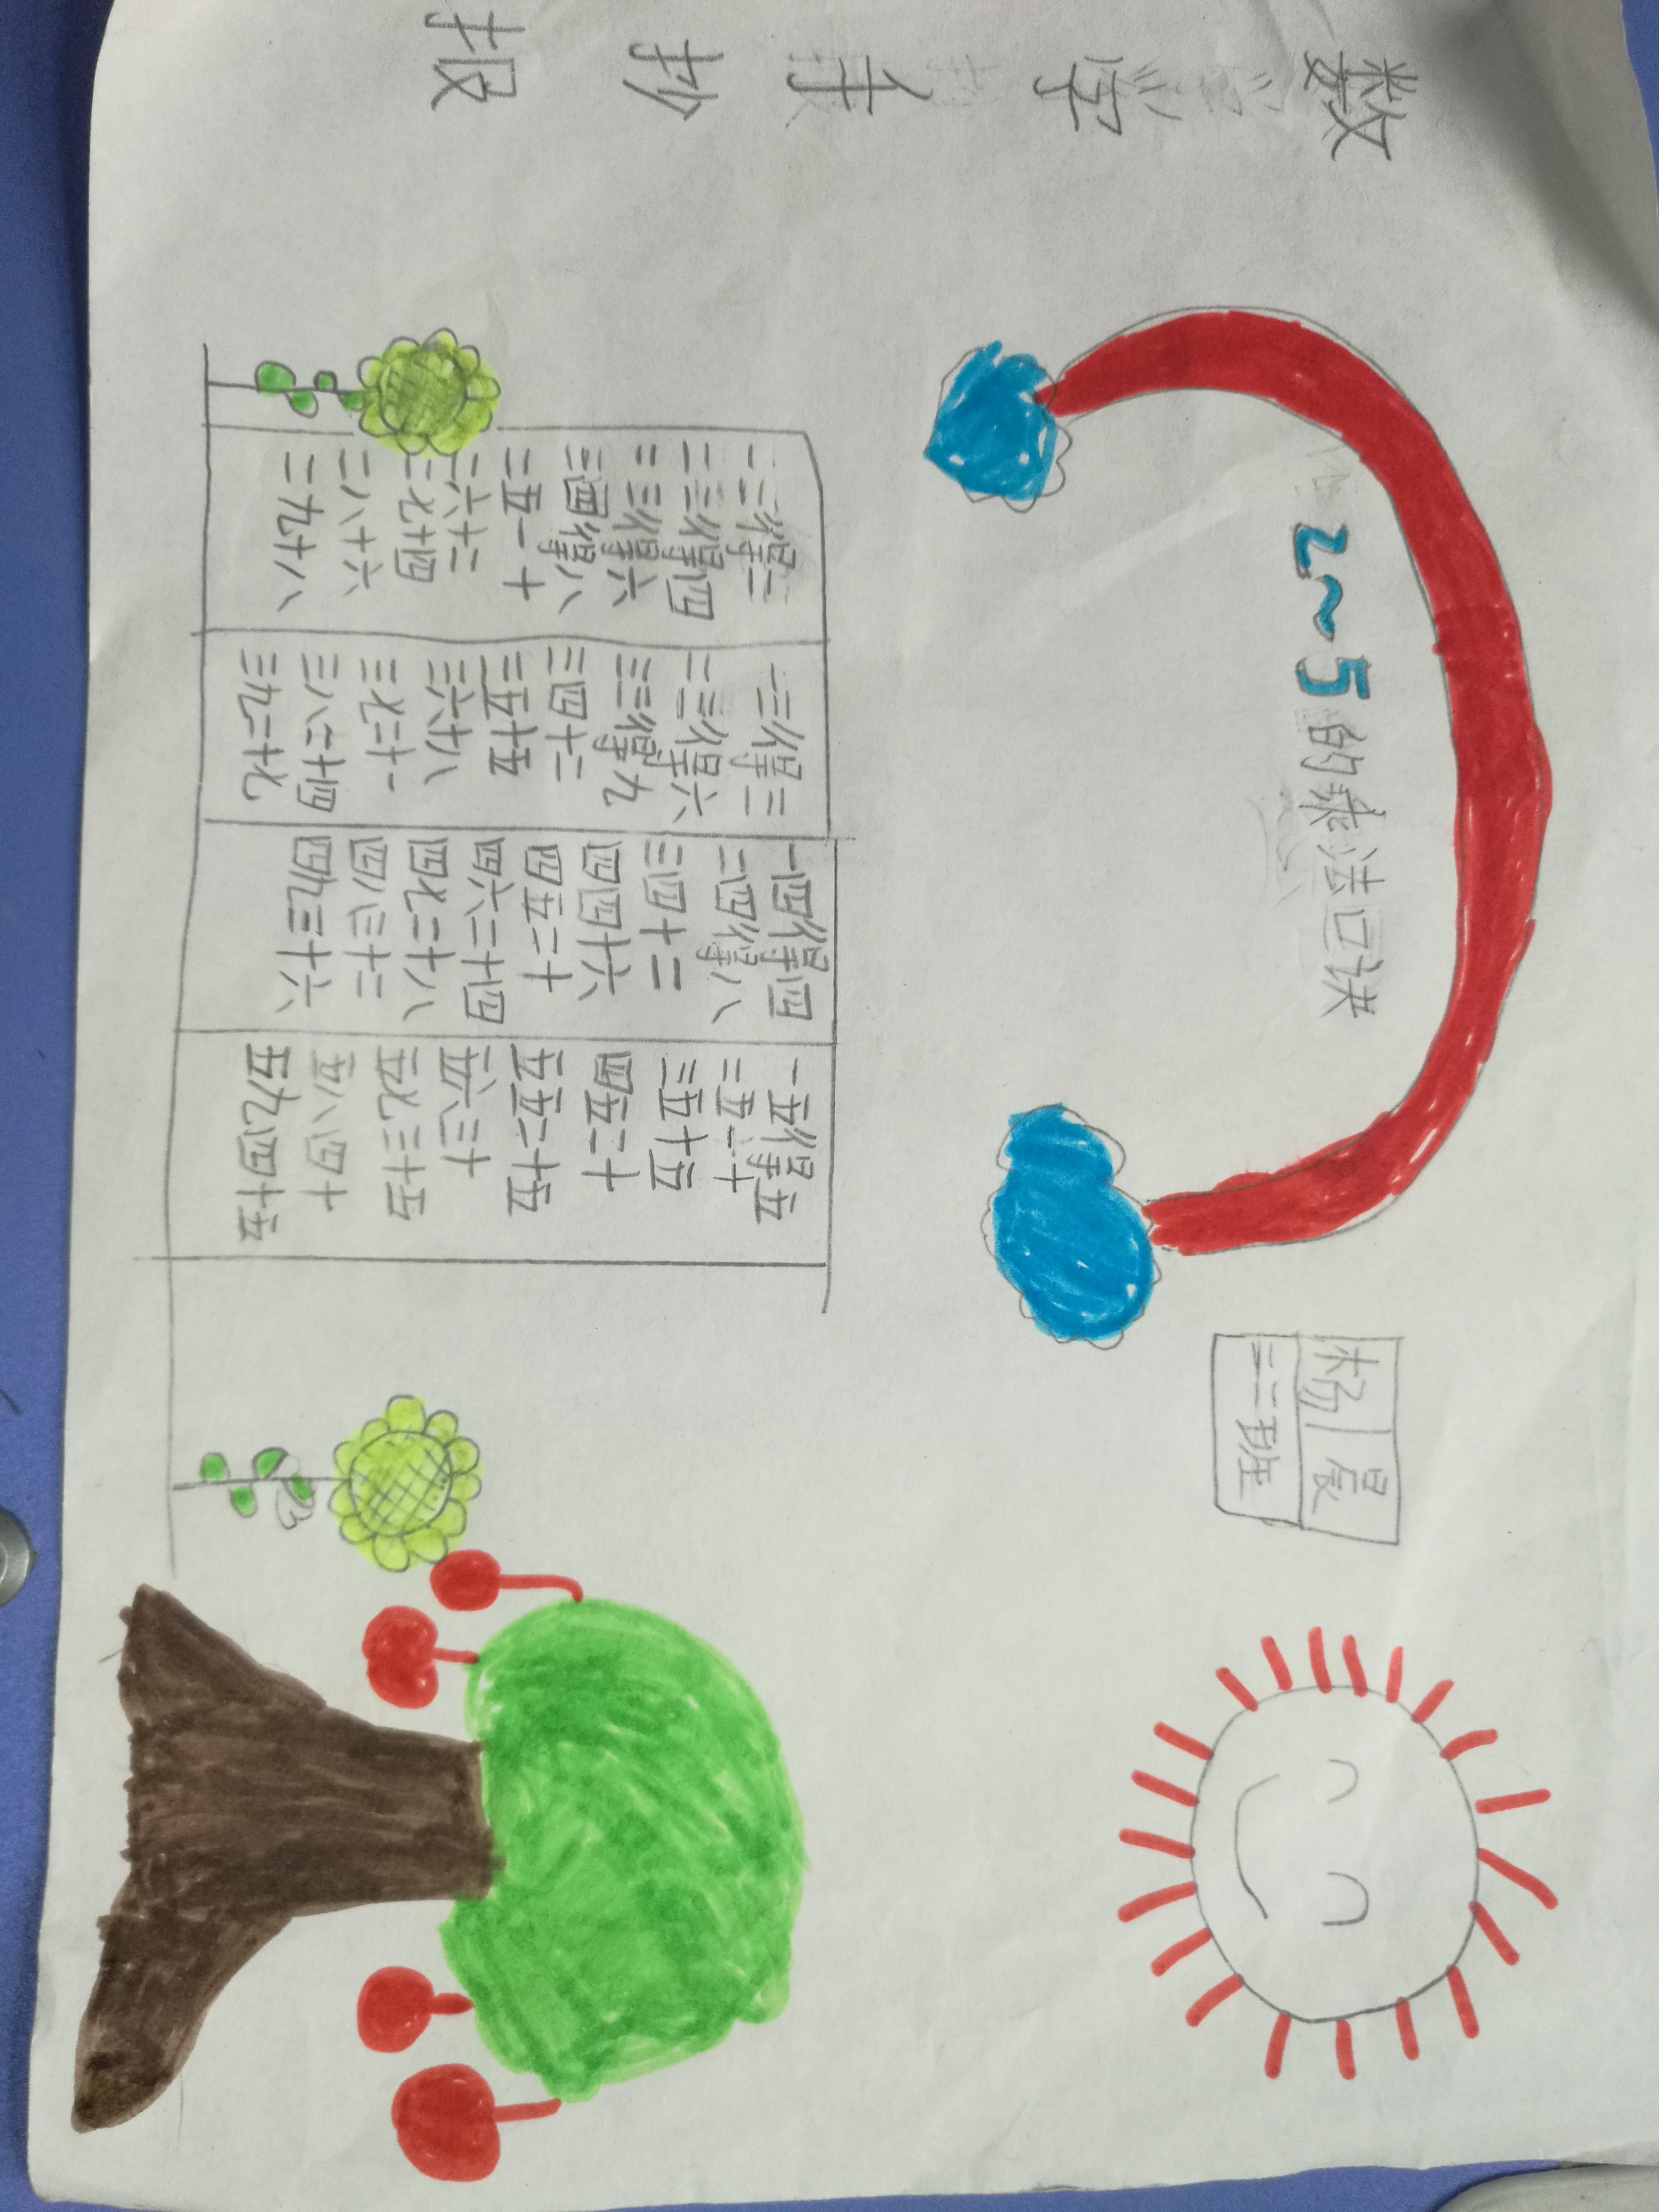 郑州市惠济区八堡小学二年级数学手抄报